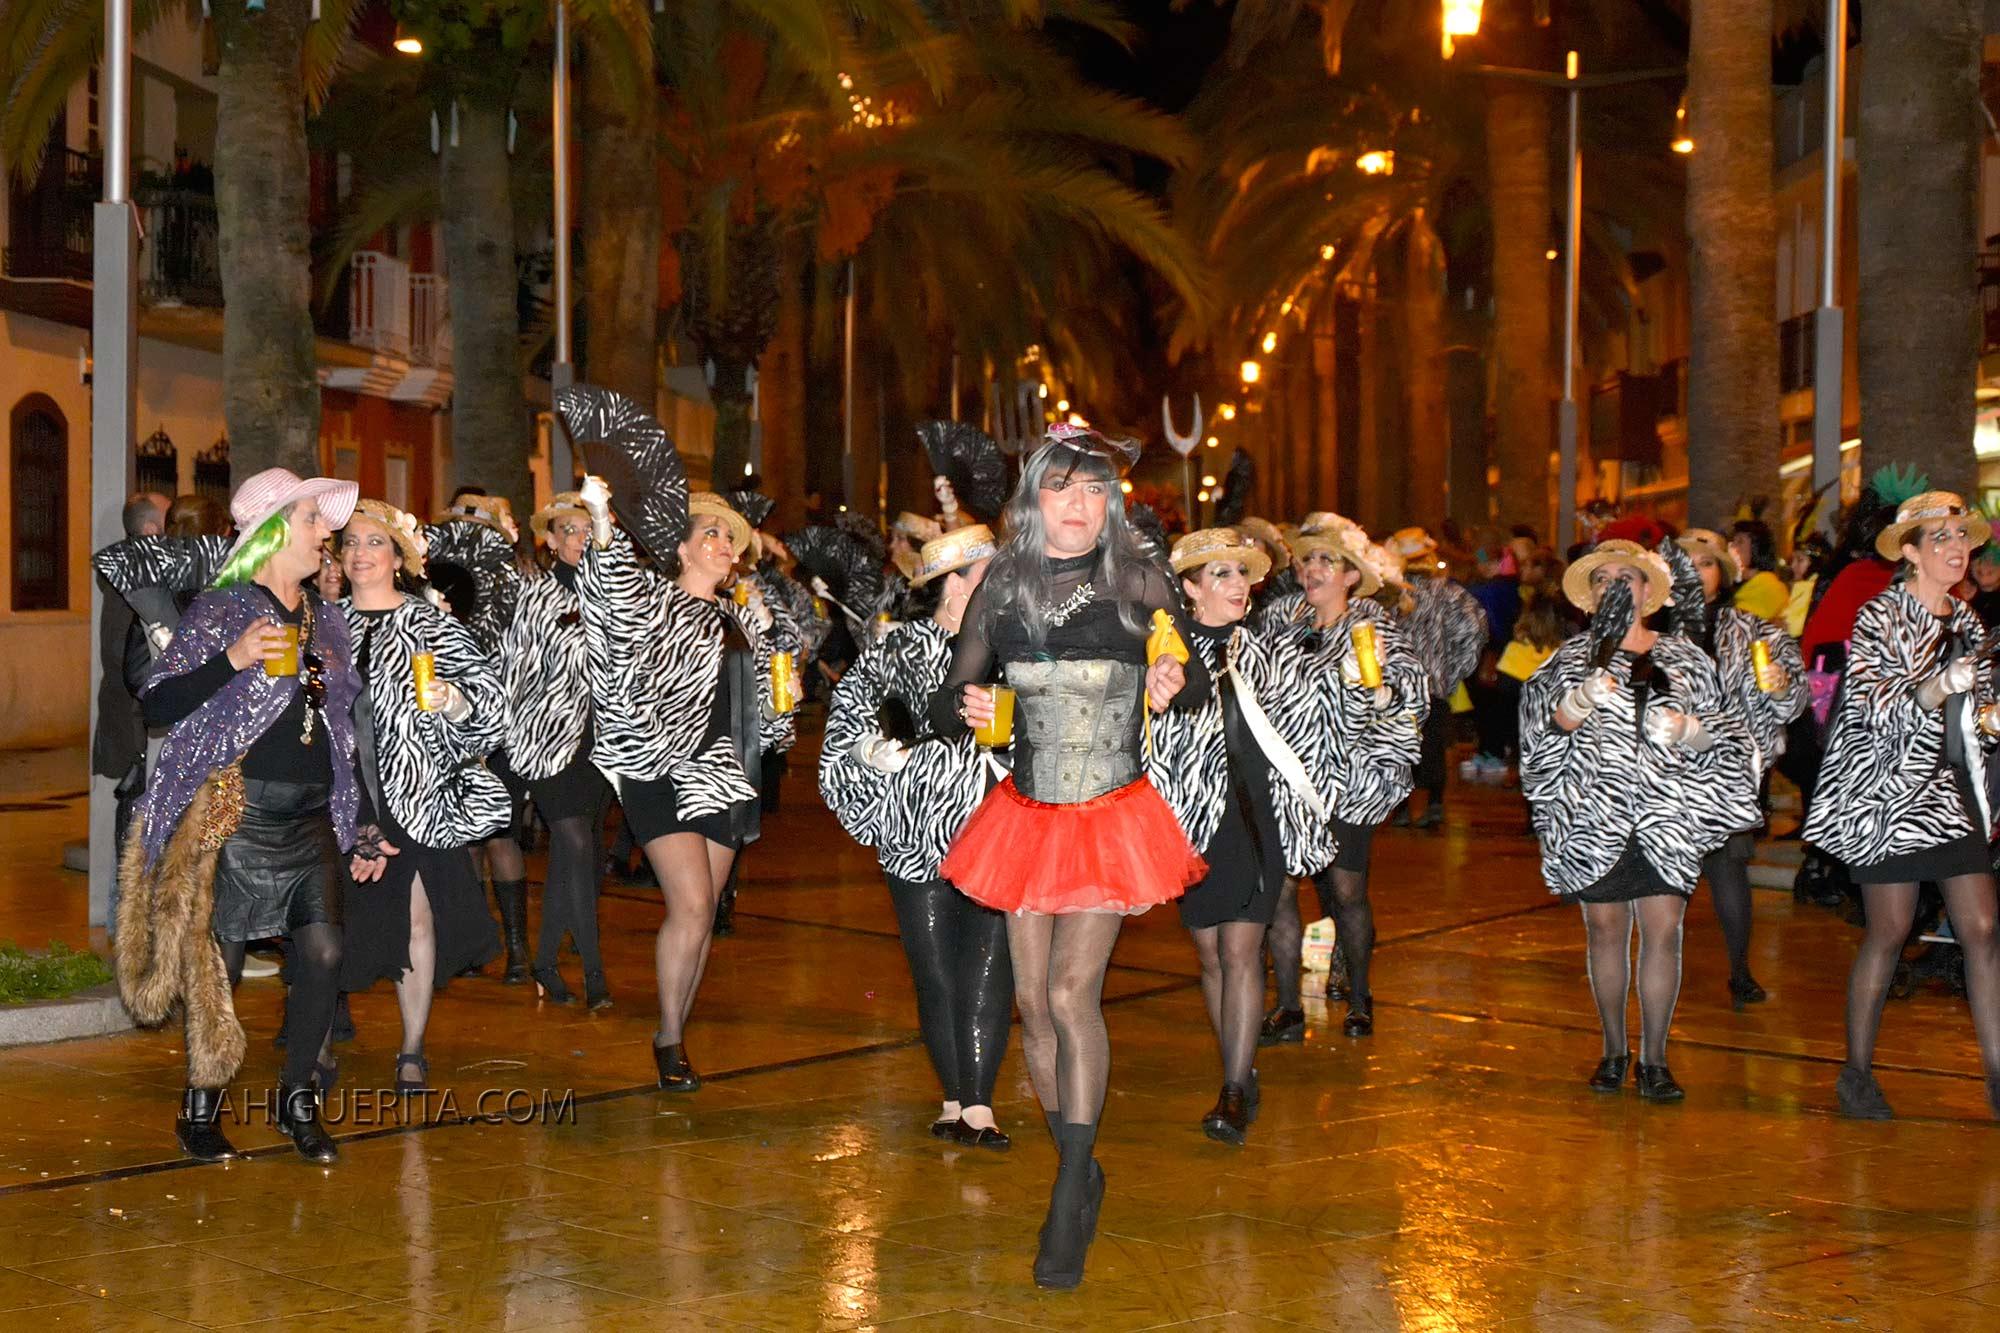 Entierro de la sardina carnaval isla cristina _DSC2201